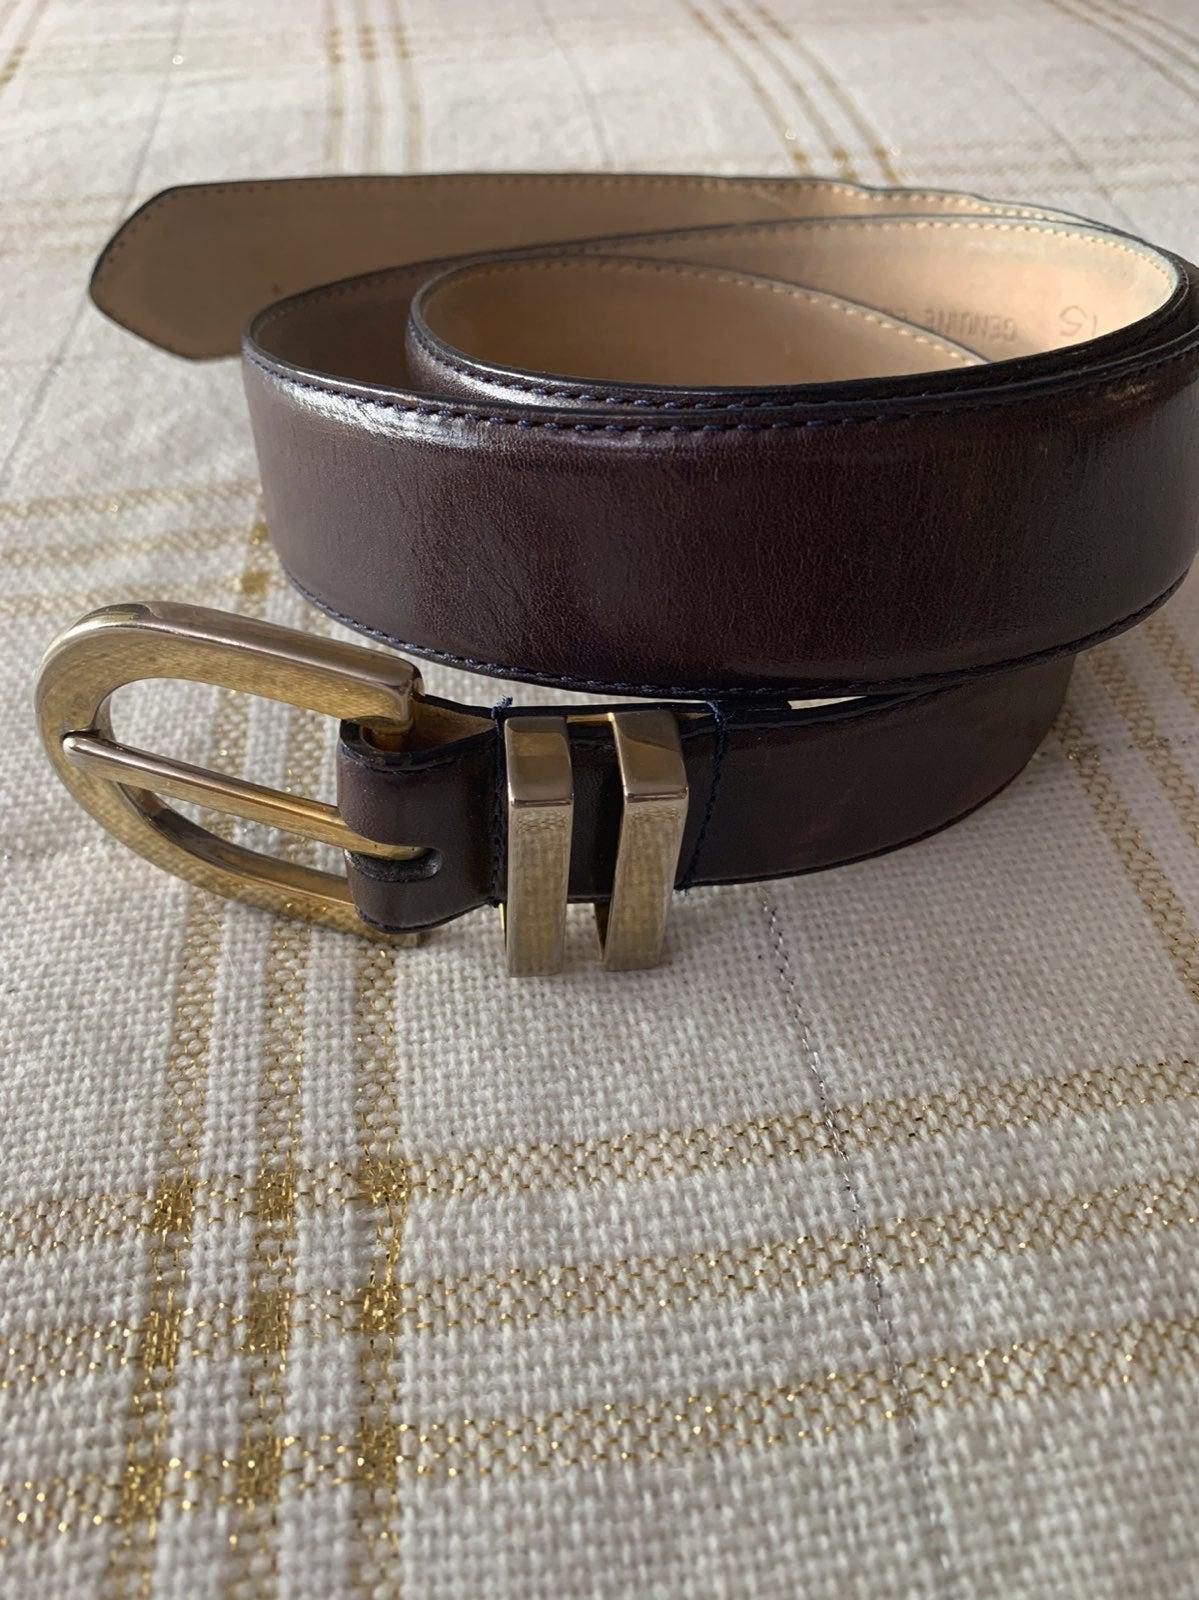 TALBOTS 6020 Leather Belt, DARK BROWN.